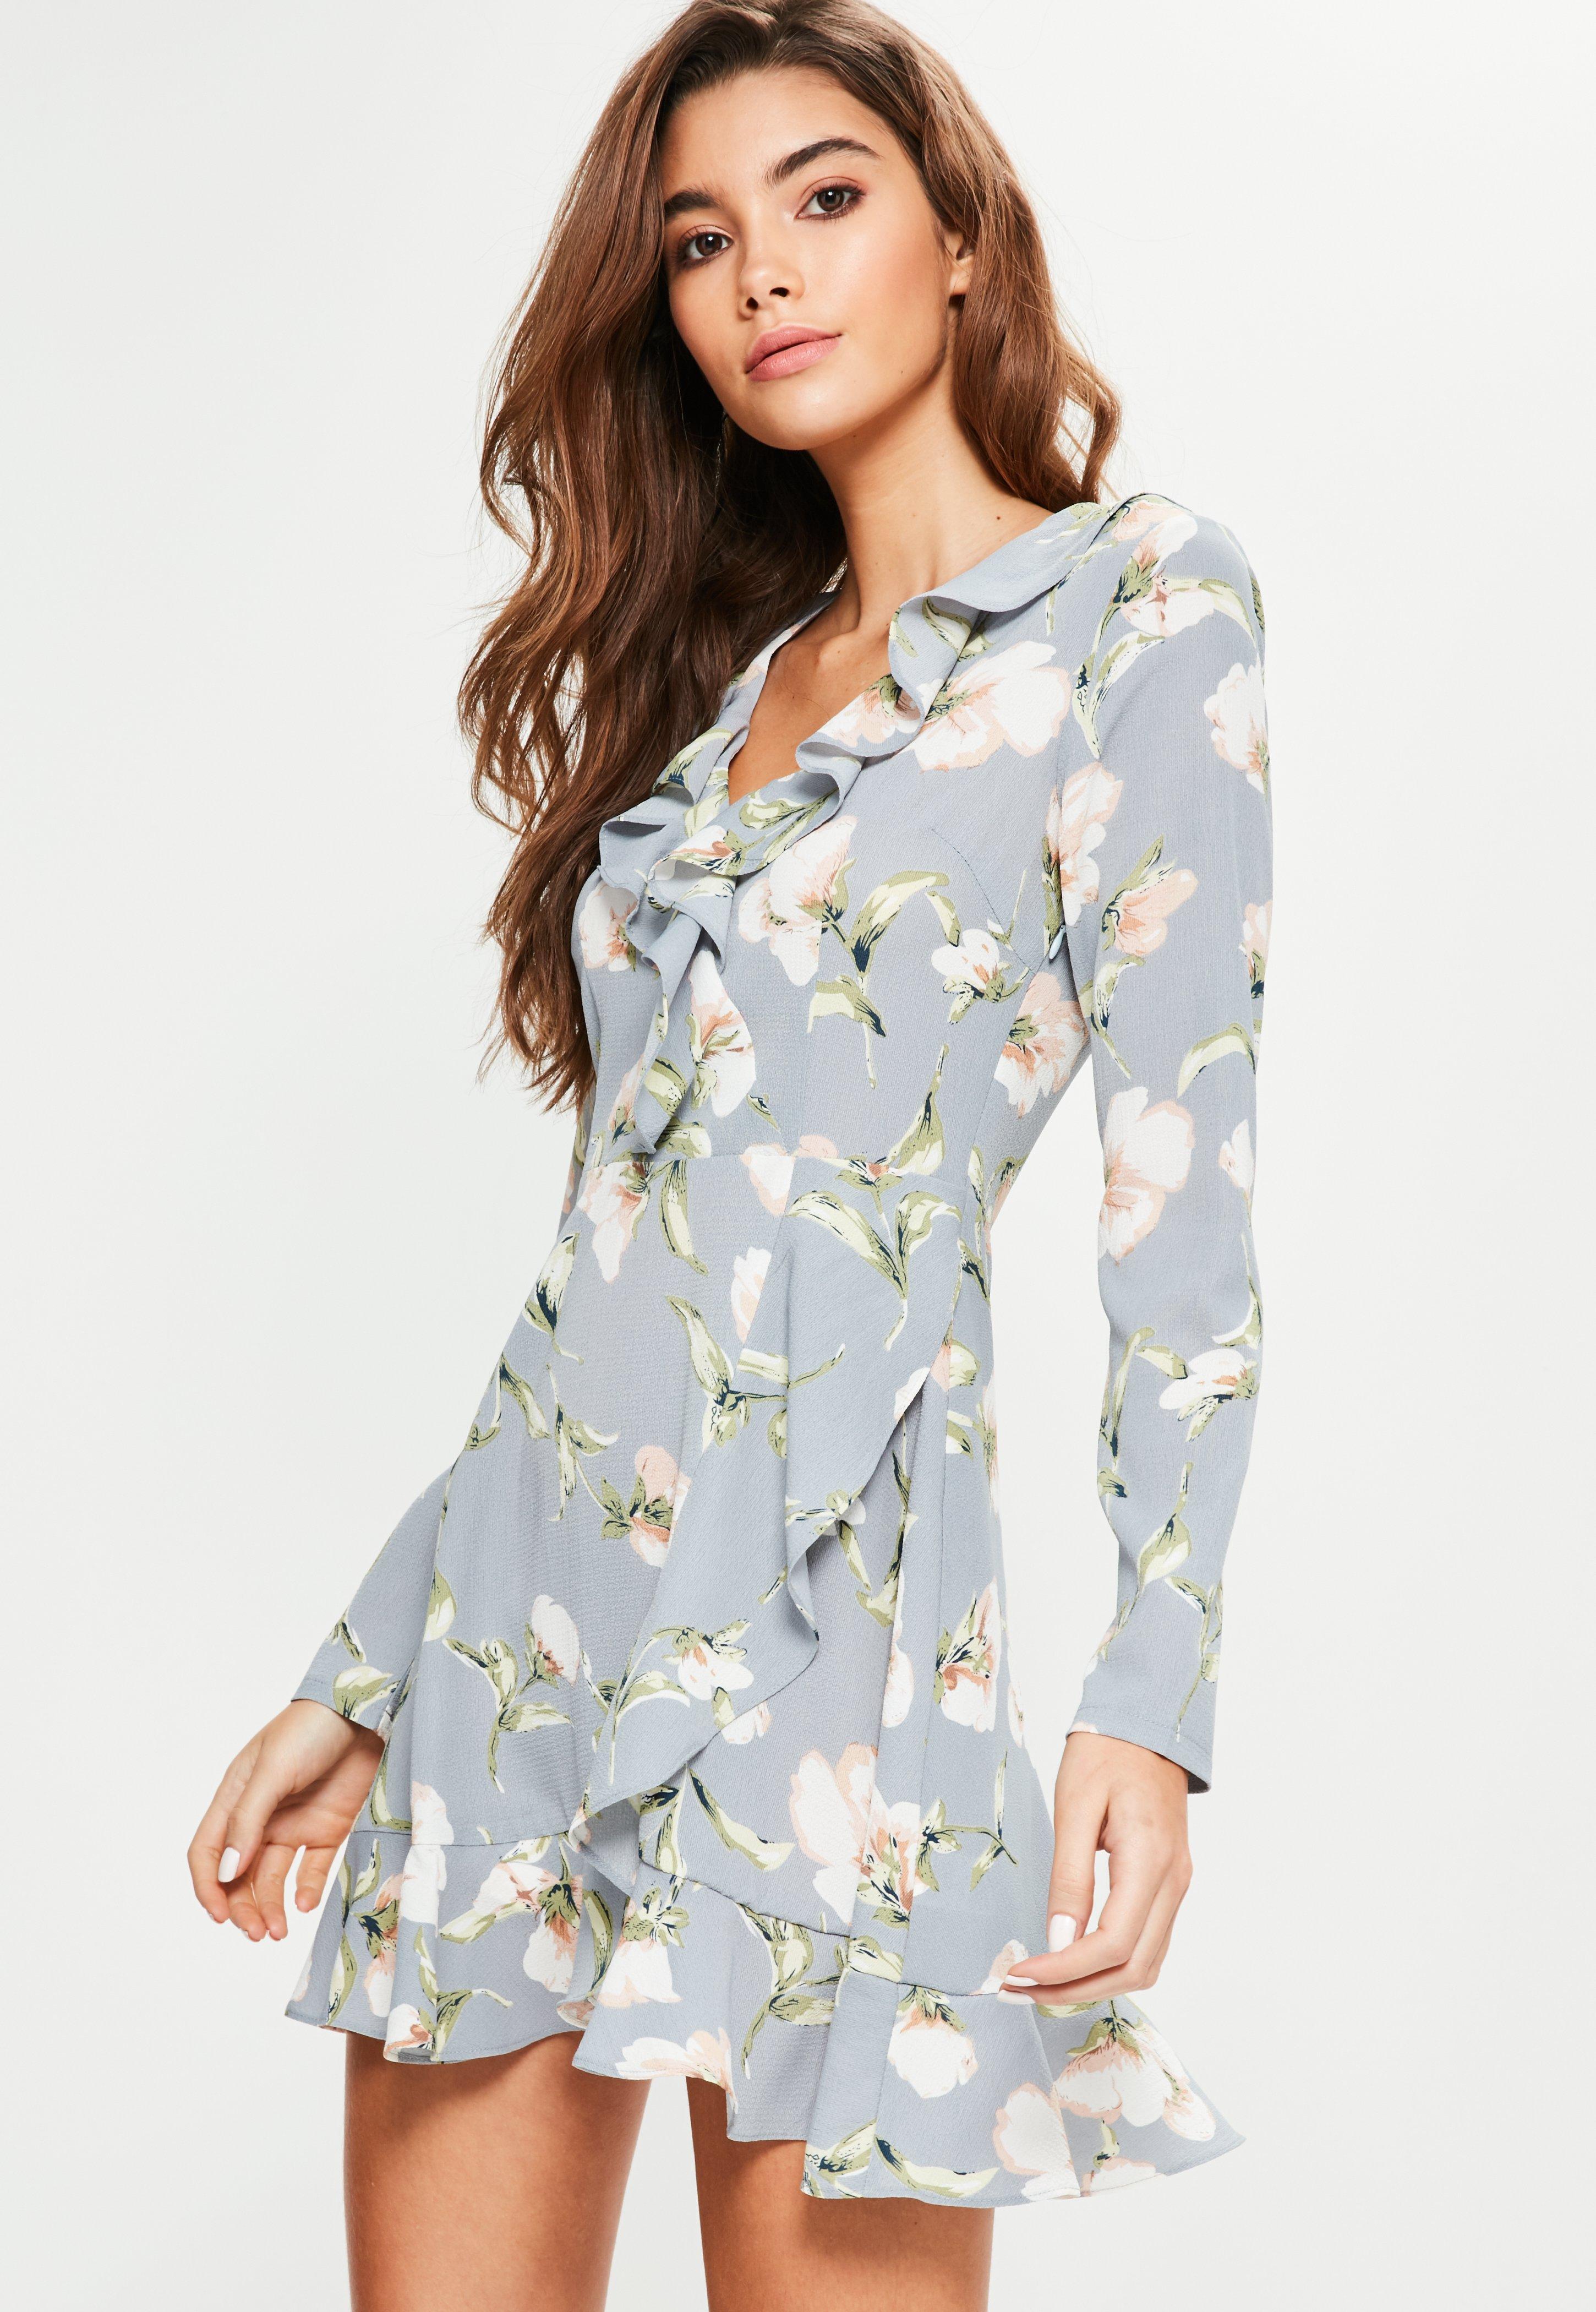 Blaue Kleider | Blaue Kleider online kaufen - Missguided DE